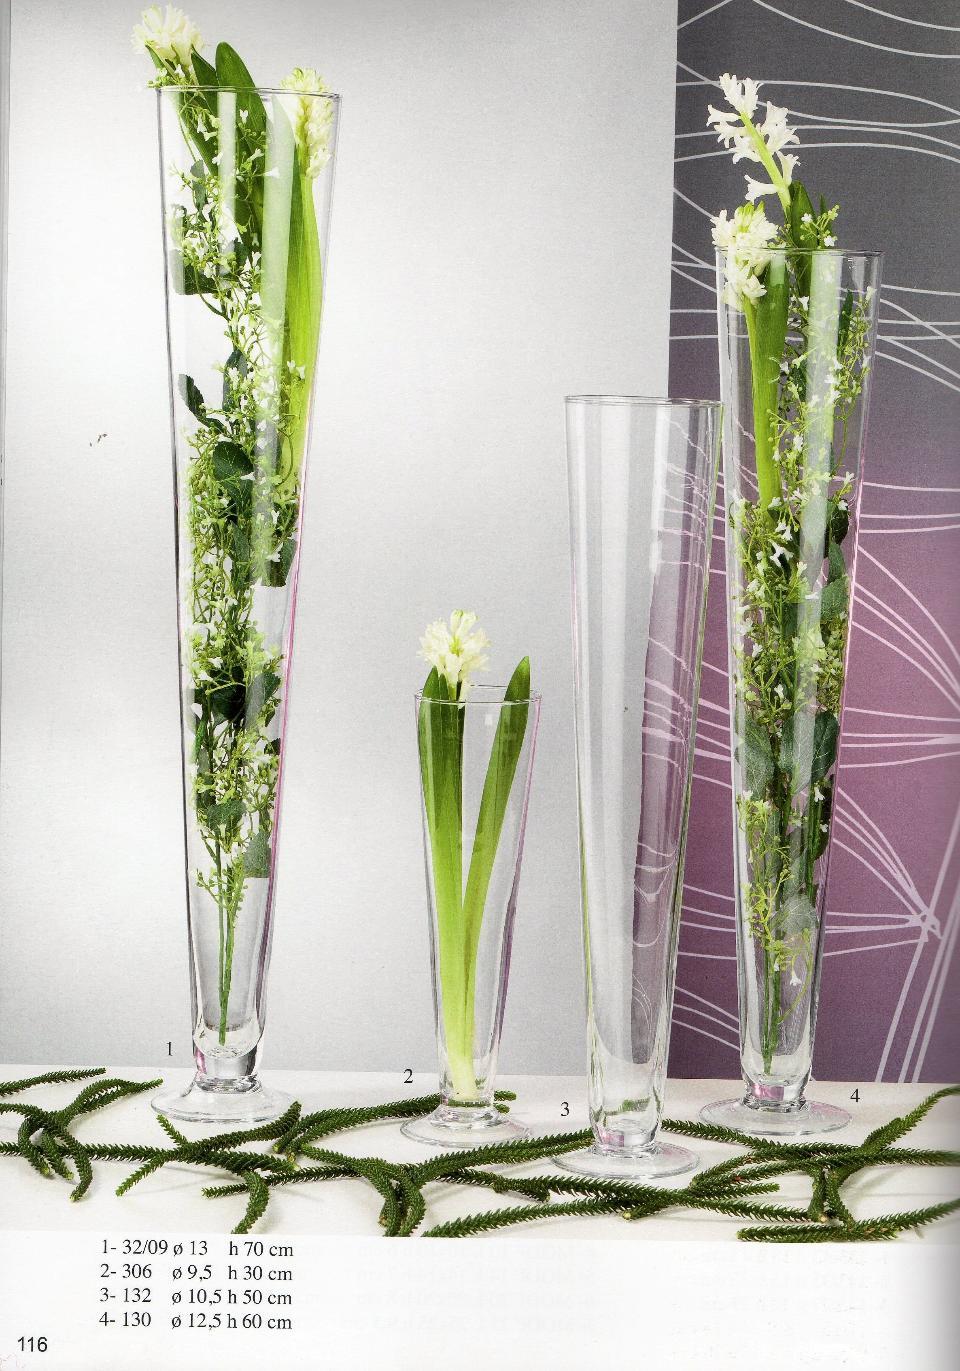 Composizioni Floreali In Vasi Di Vetro Alti